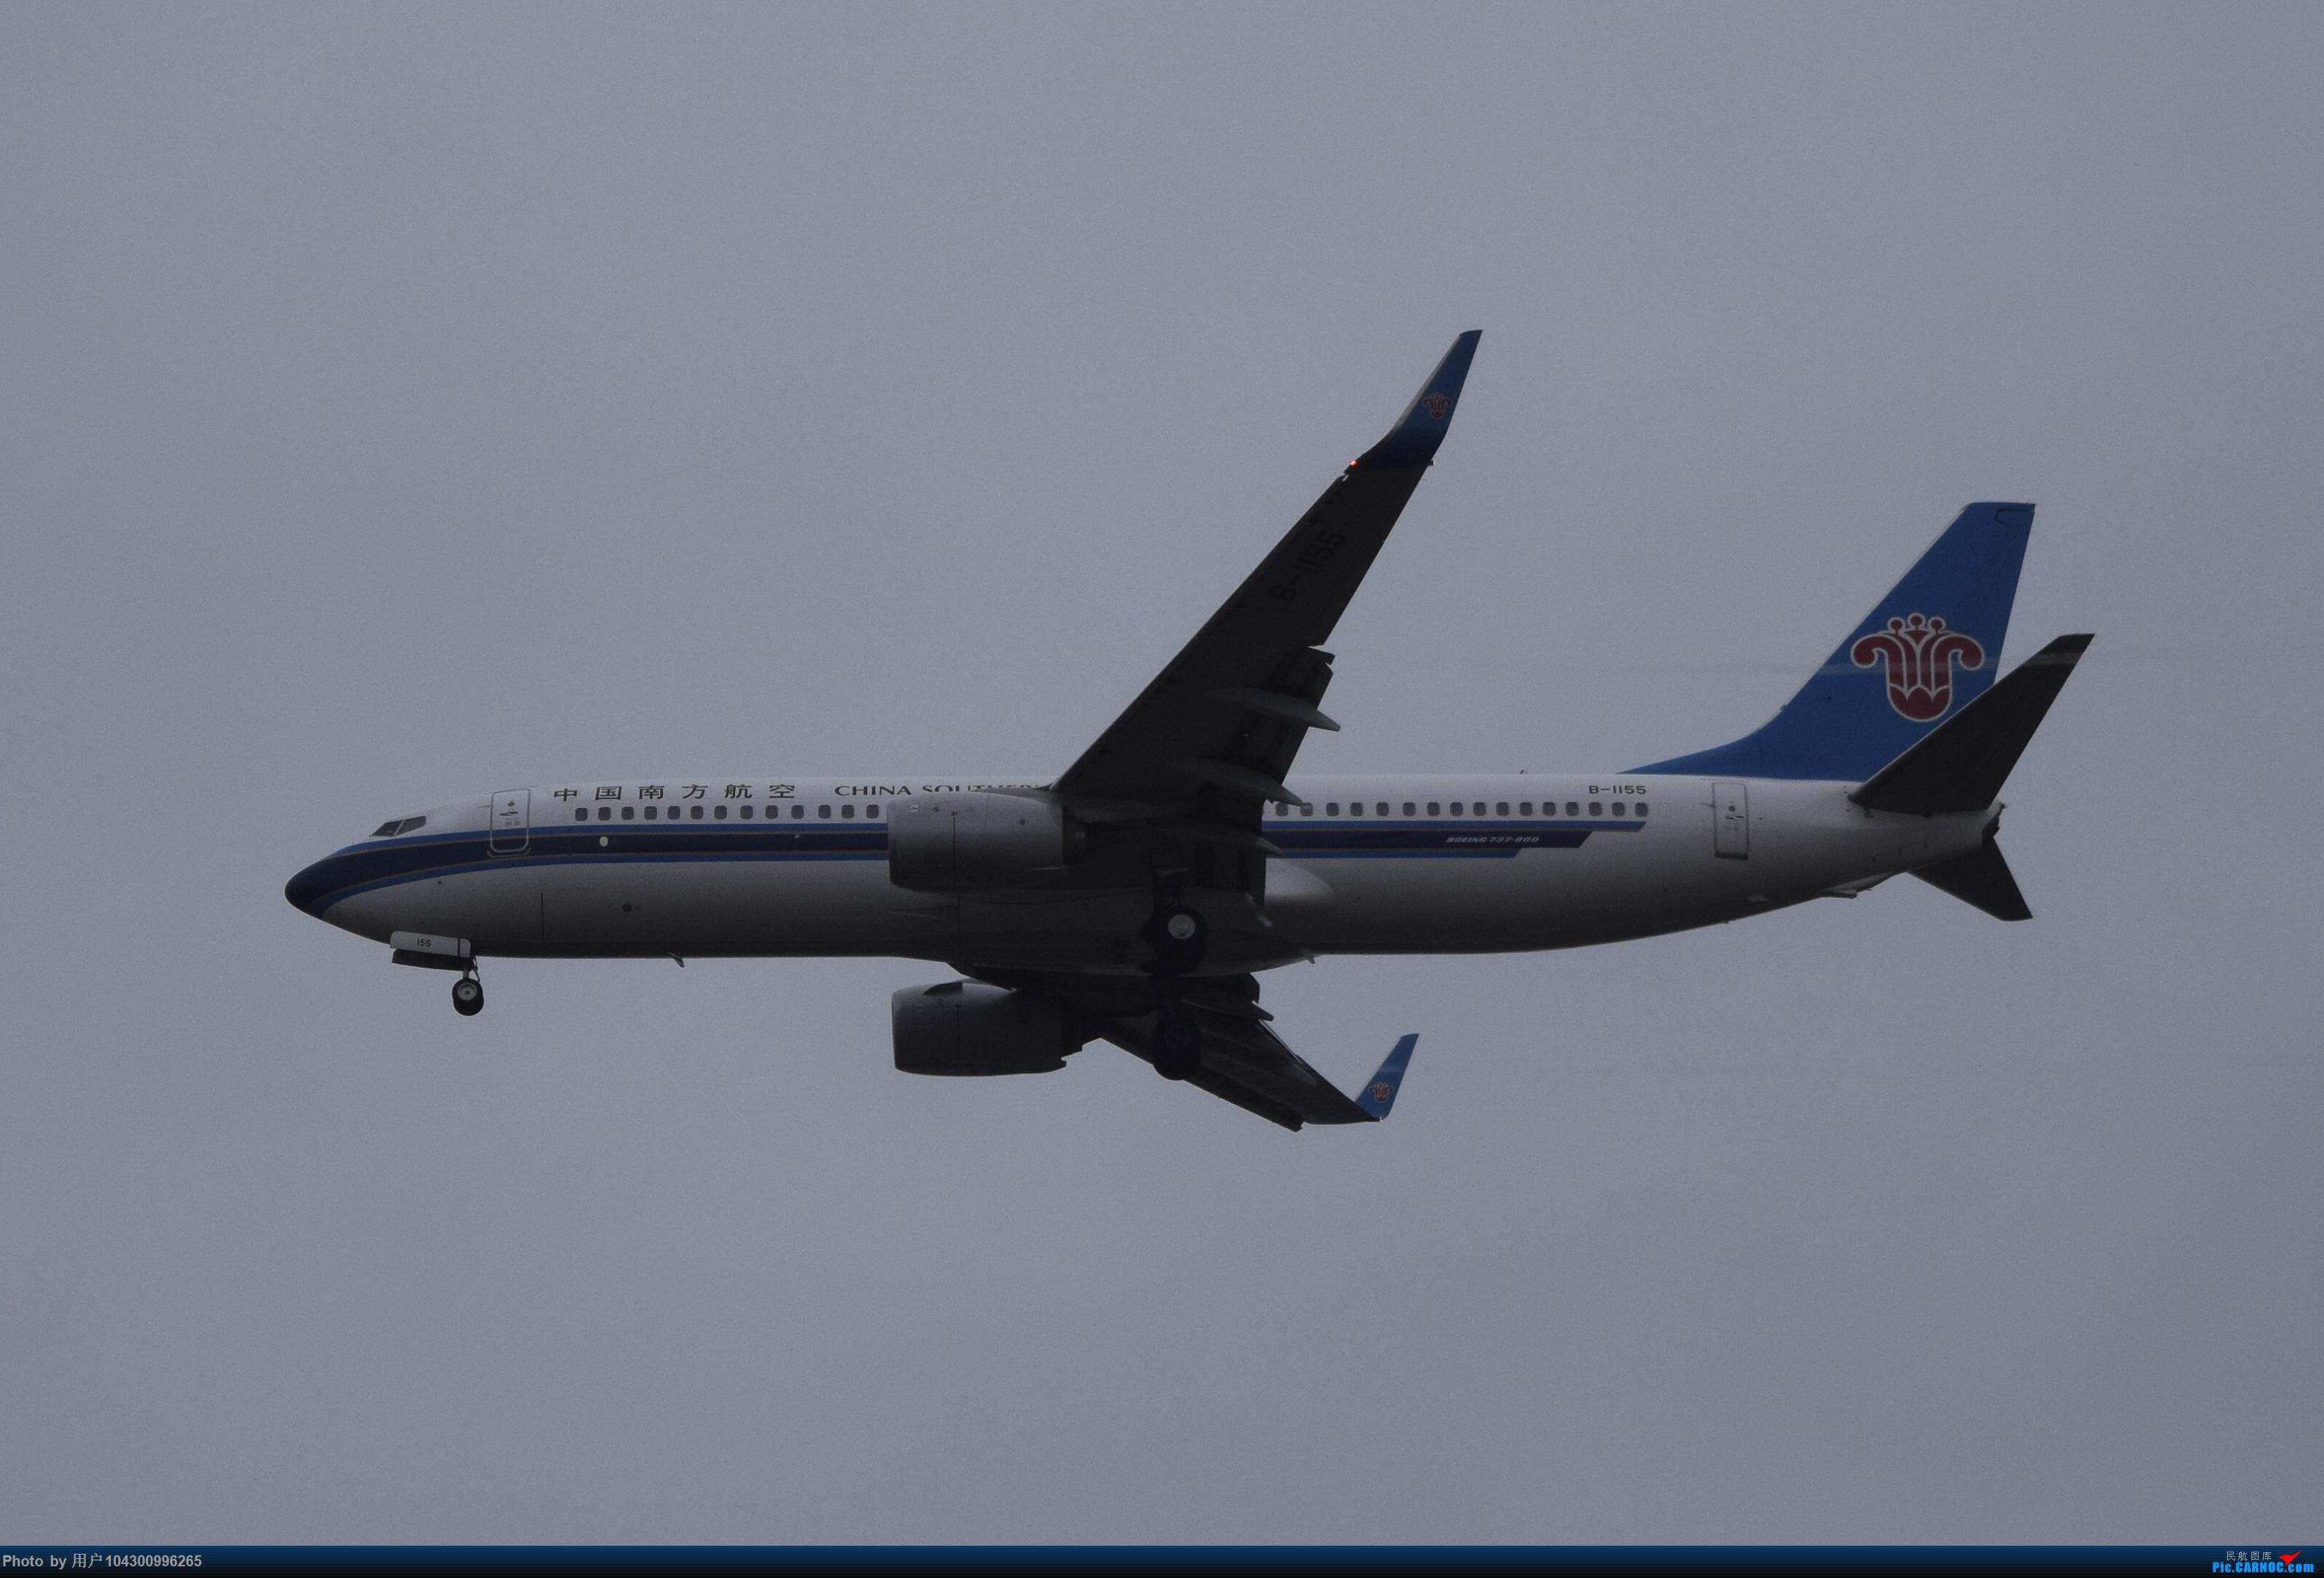 Re:[原创]乌云、雨雾之中的贵阳龙洞堡 BOEING 737-800 B-1155 中国贵阳龙洞堡国际机场